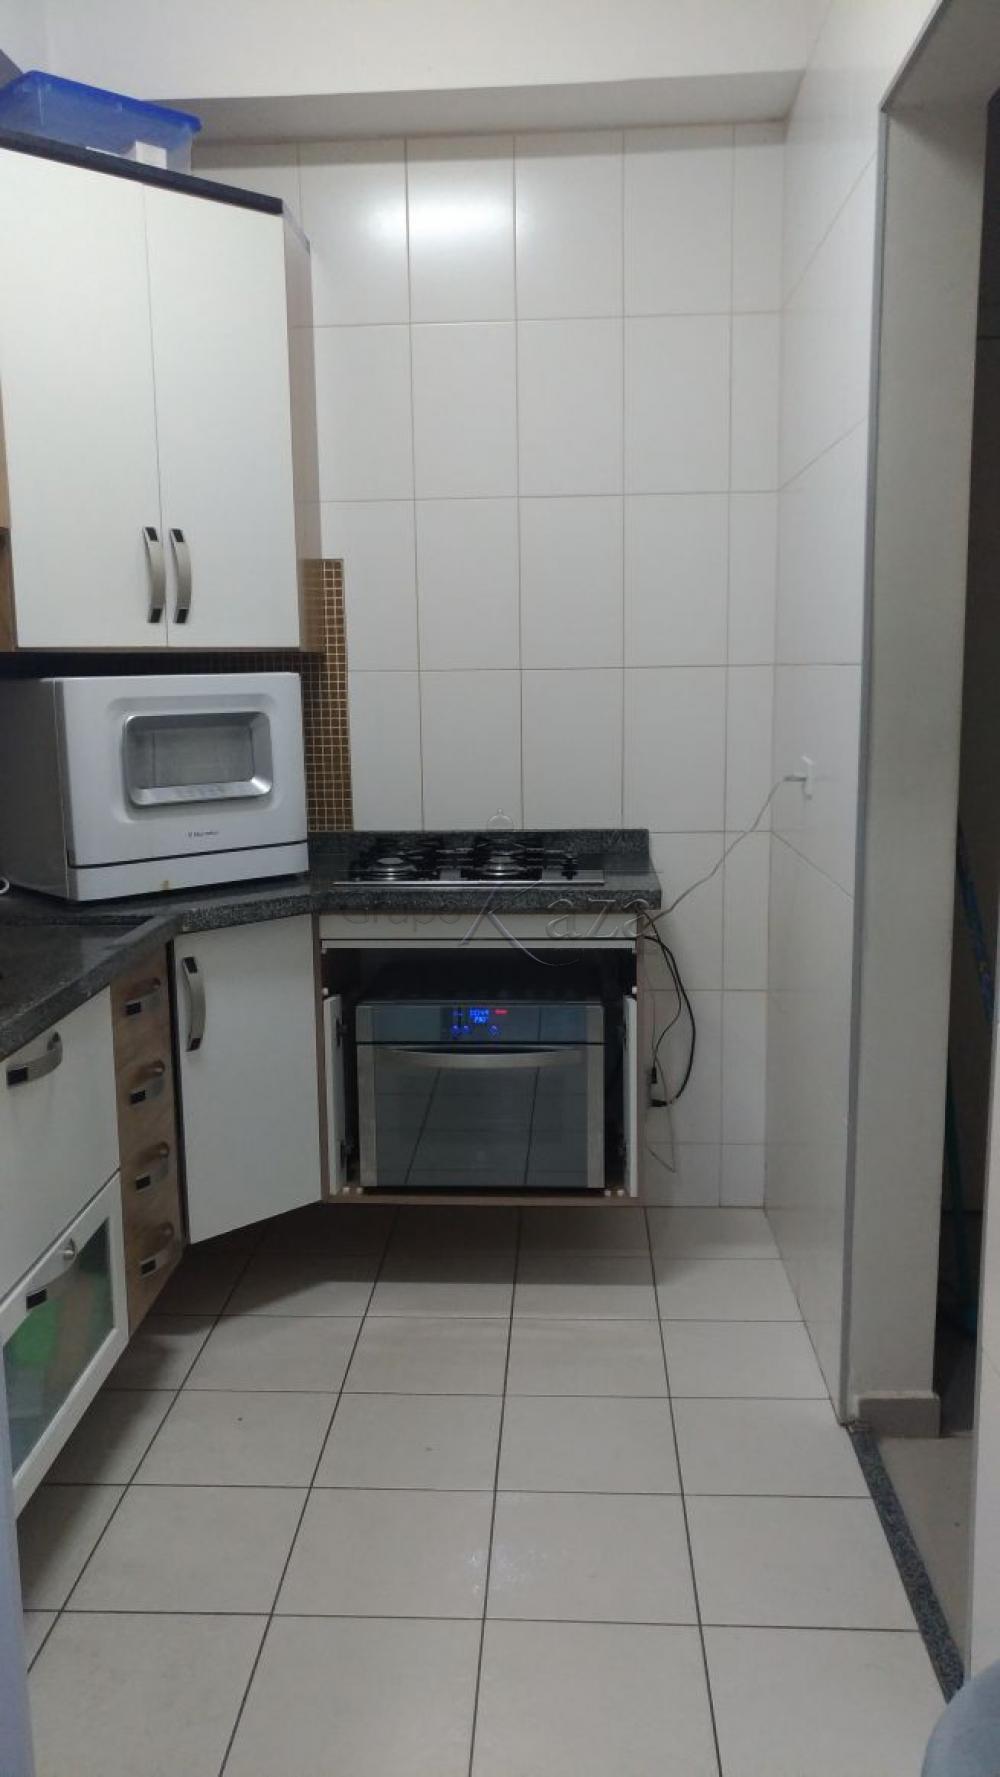 Alugar Apartamento / Padrão em São José dos Campos apenas R$ 1.200,00 - Foto 13